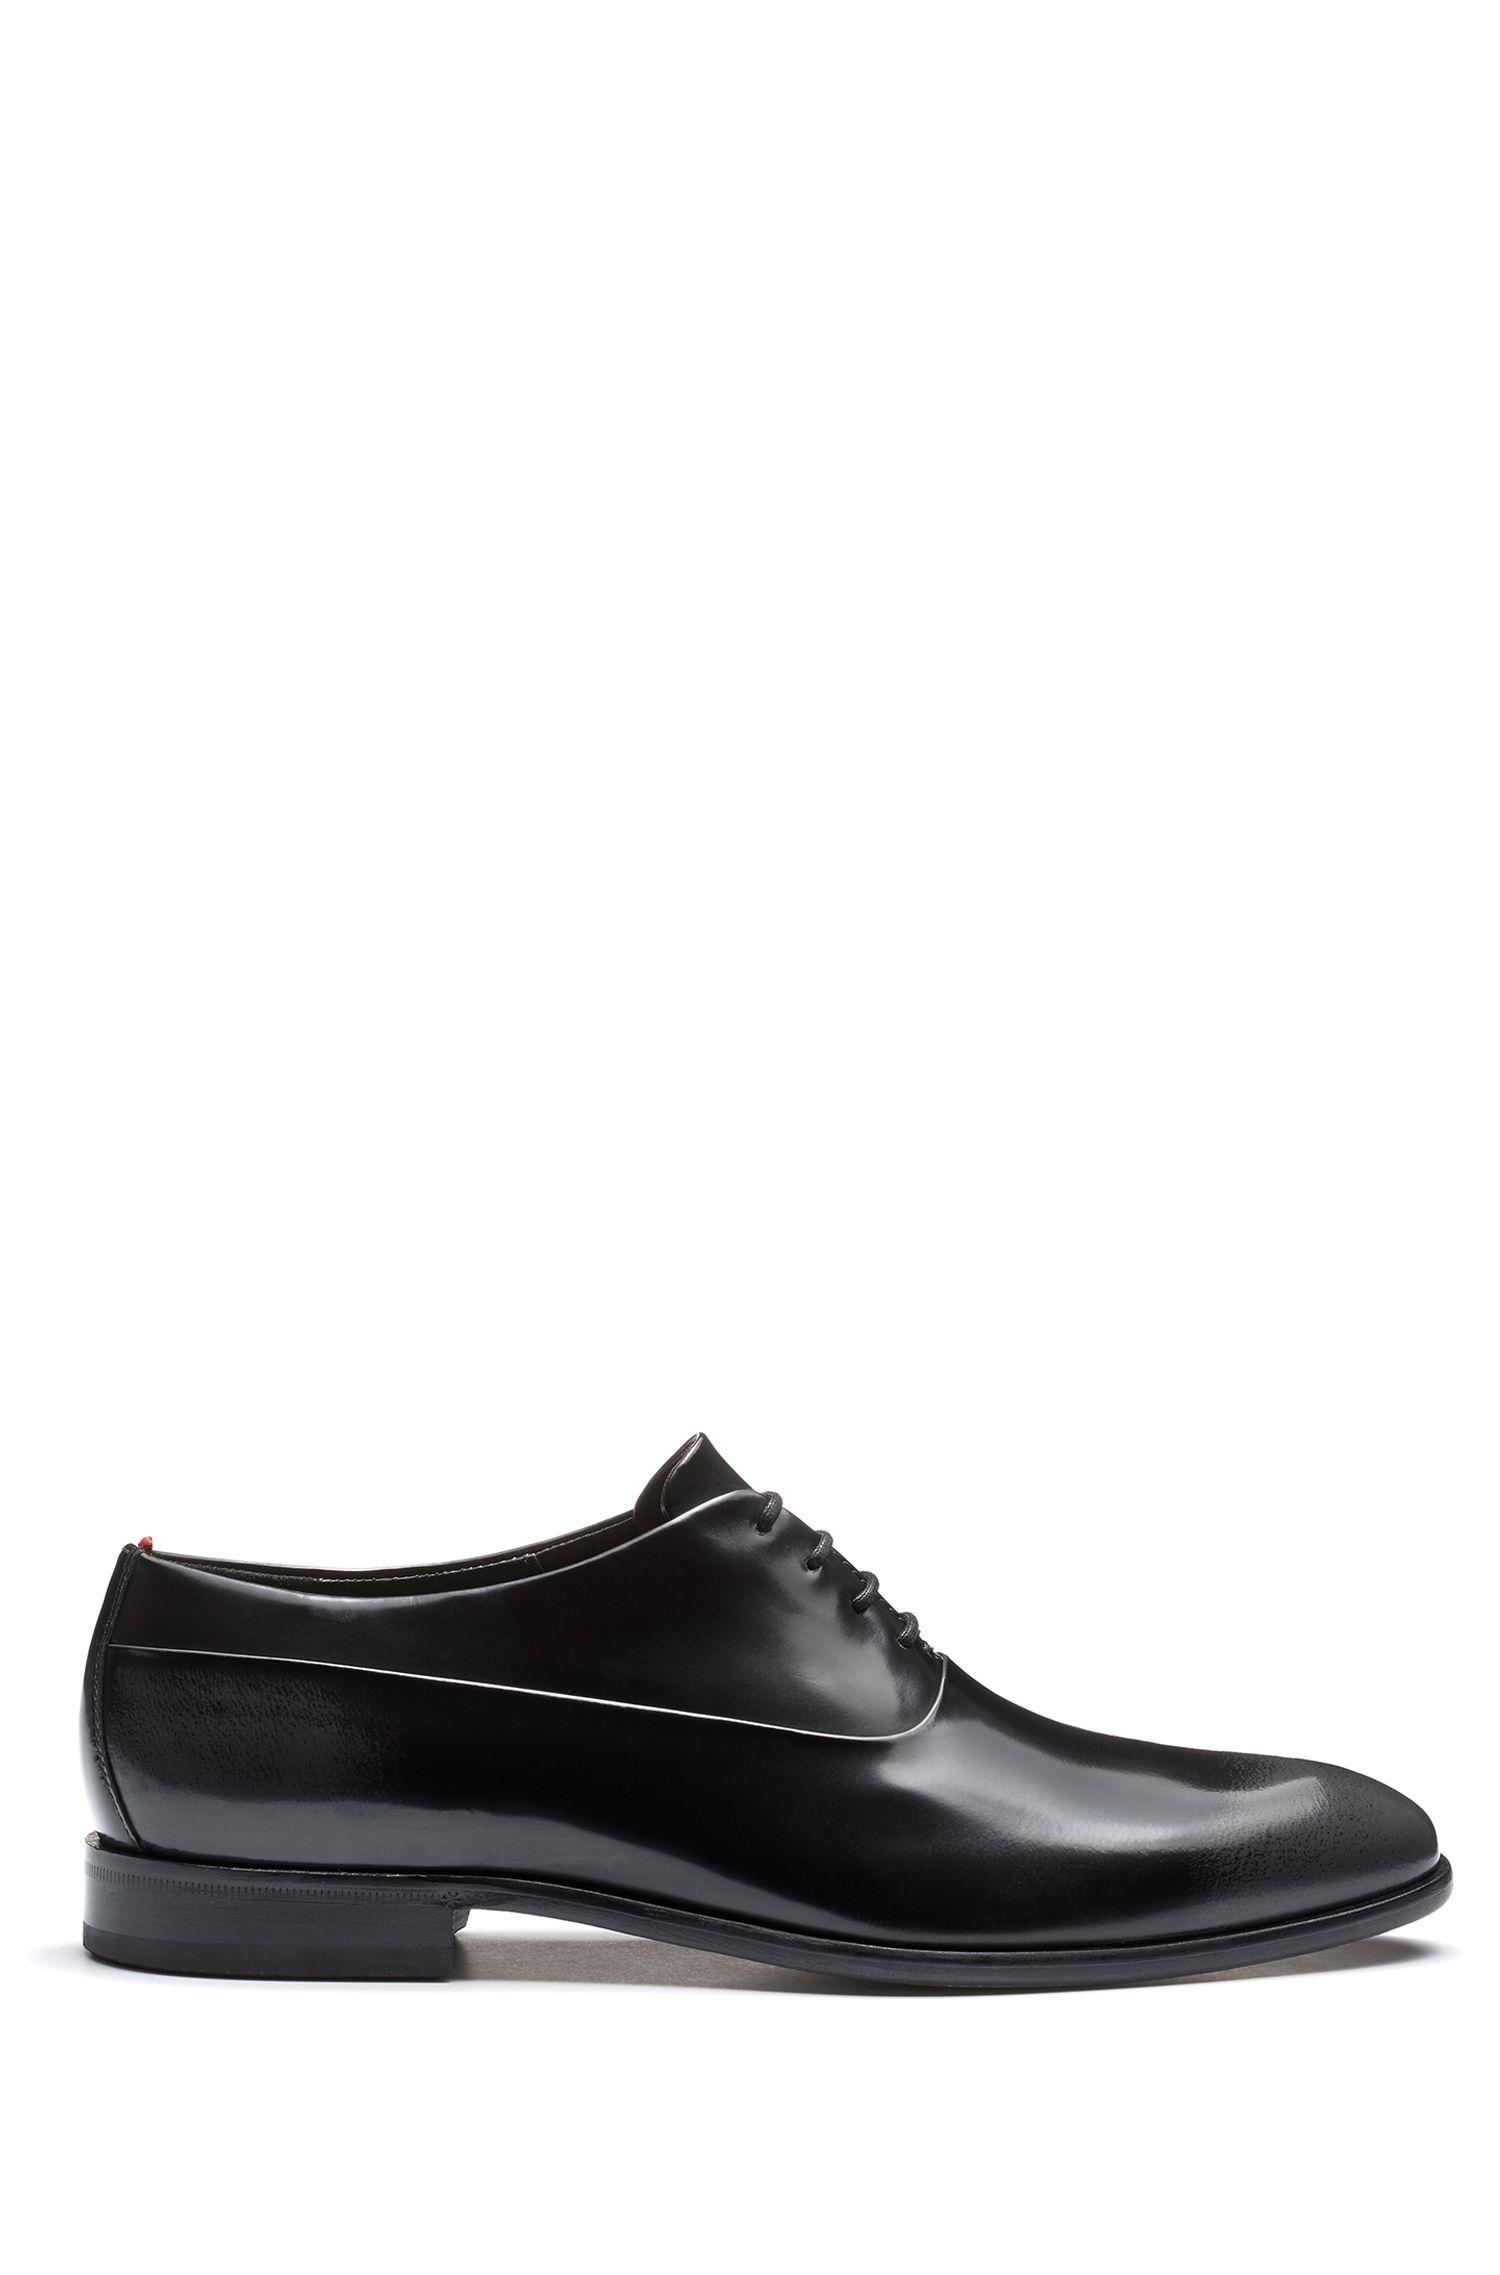 Zweifarbige Oxford-Schuhe aus Leder mit gebürstetem Finish